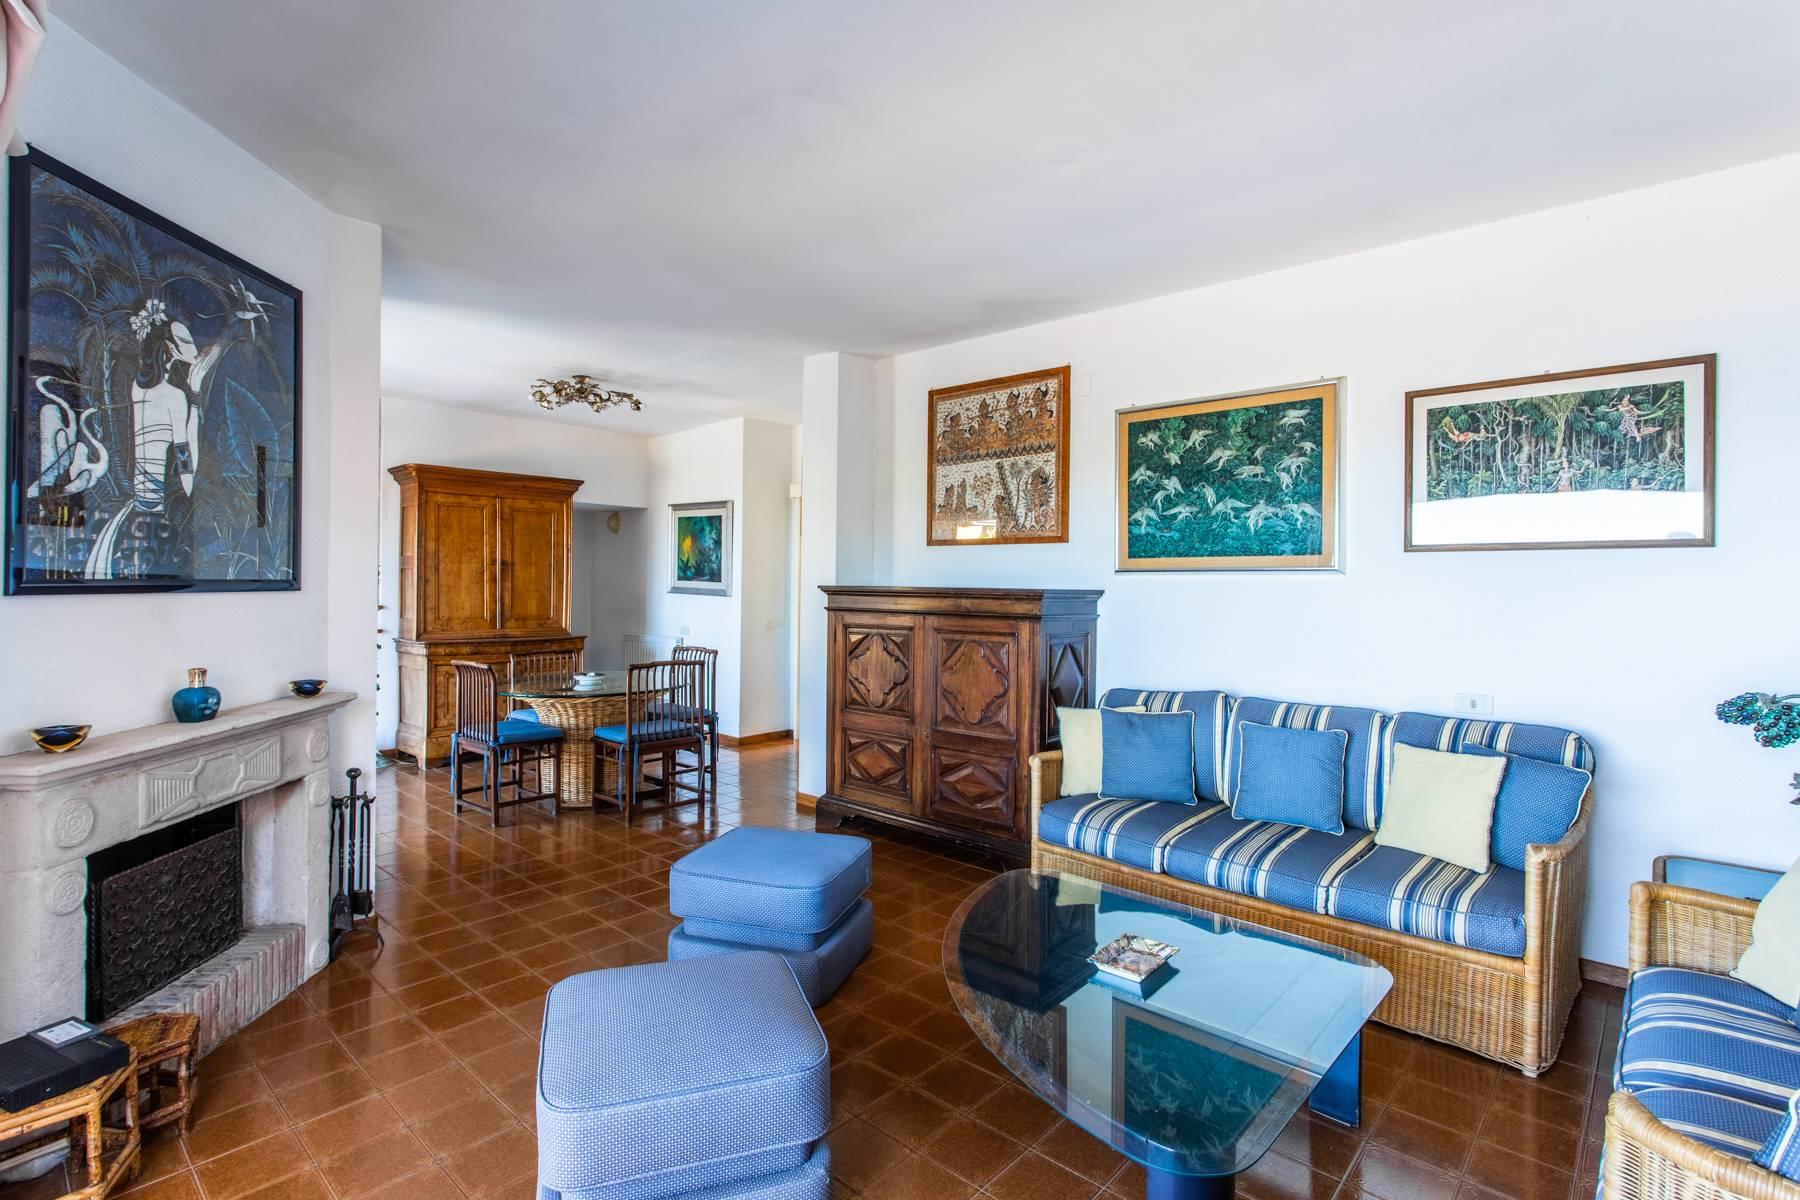 Casa indipendente in Vendita a Monte Argentario: 5 locali, 200 mq - Foto 8